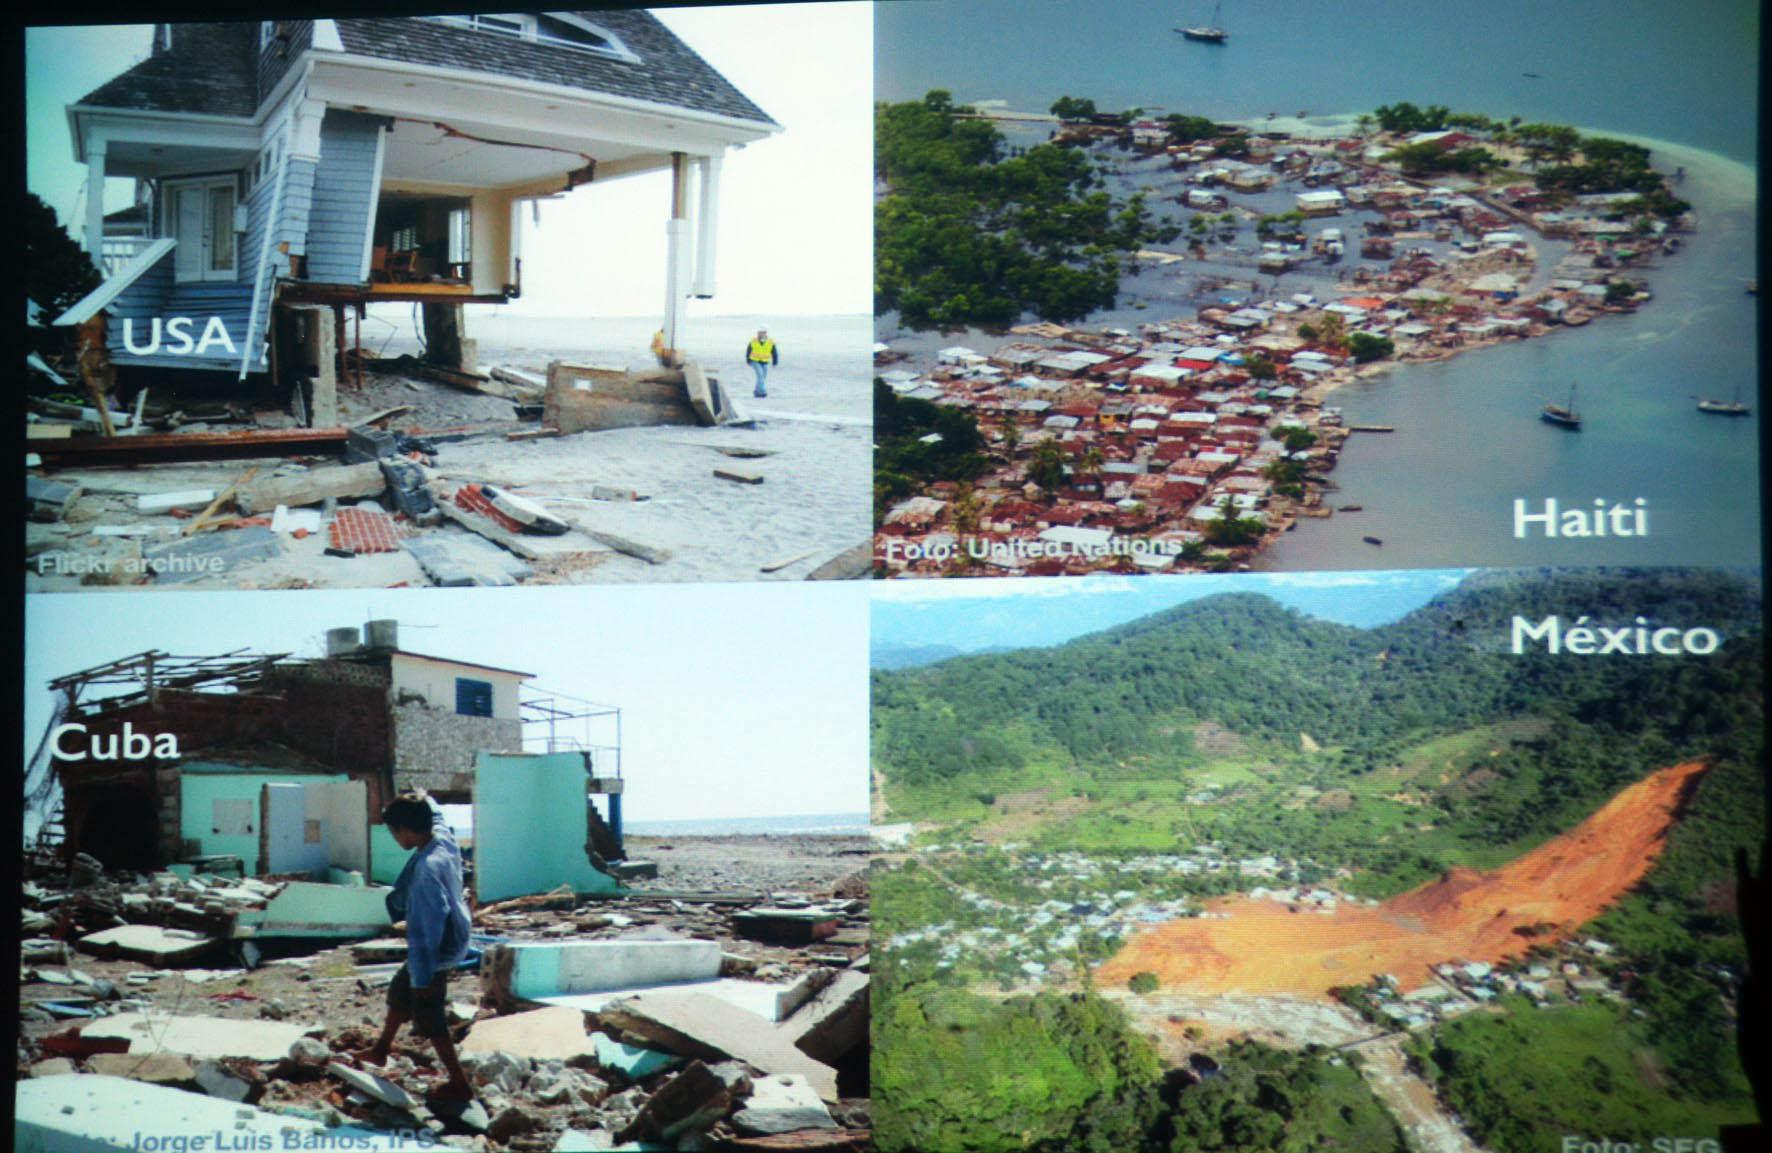 Obstaculizan desastres el avance sostenible particularmente de países en desarrollo: UNAM